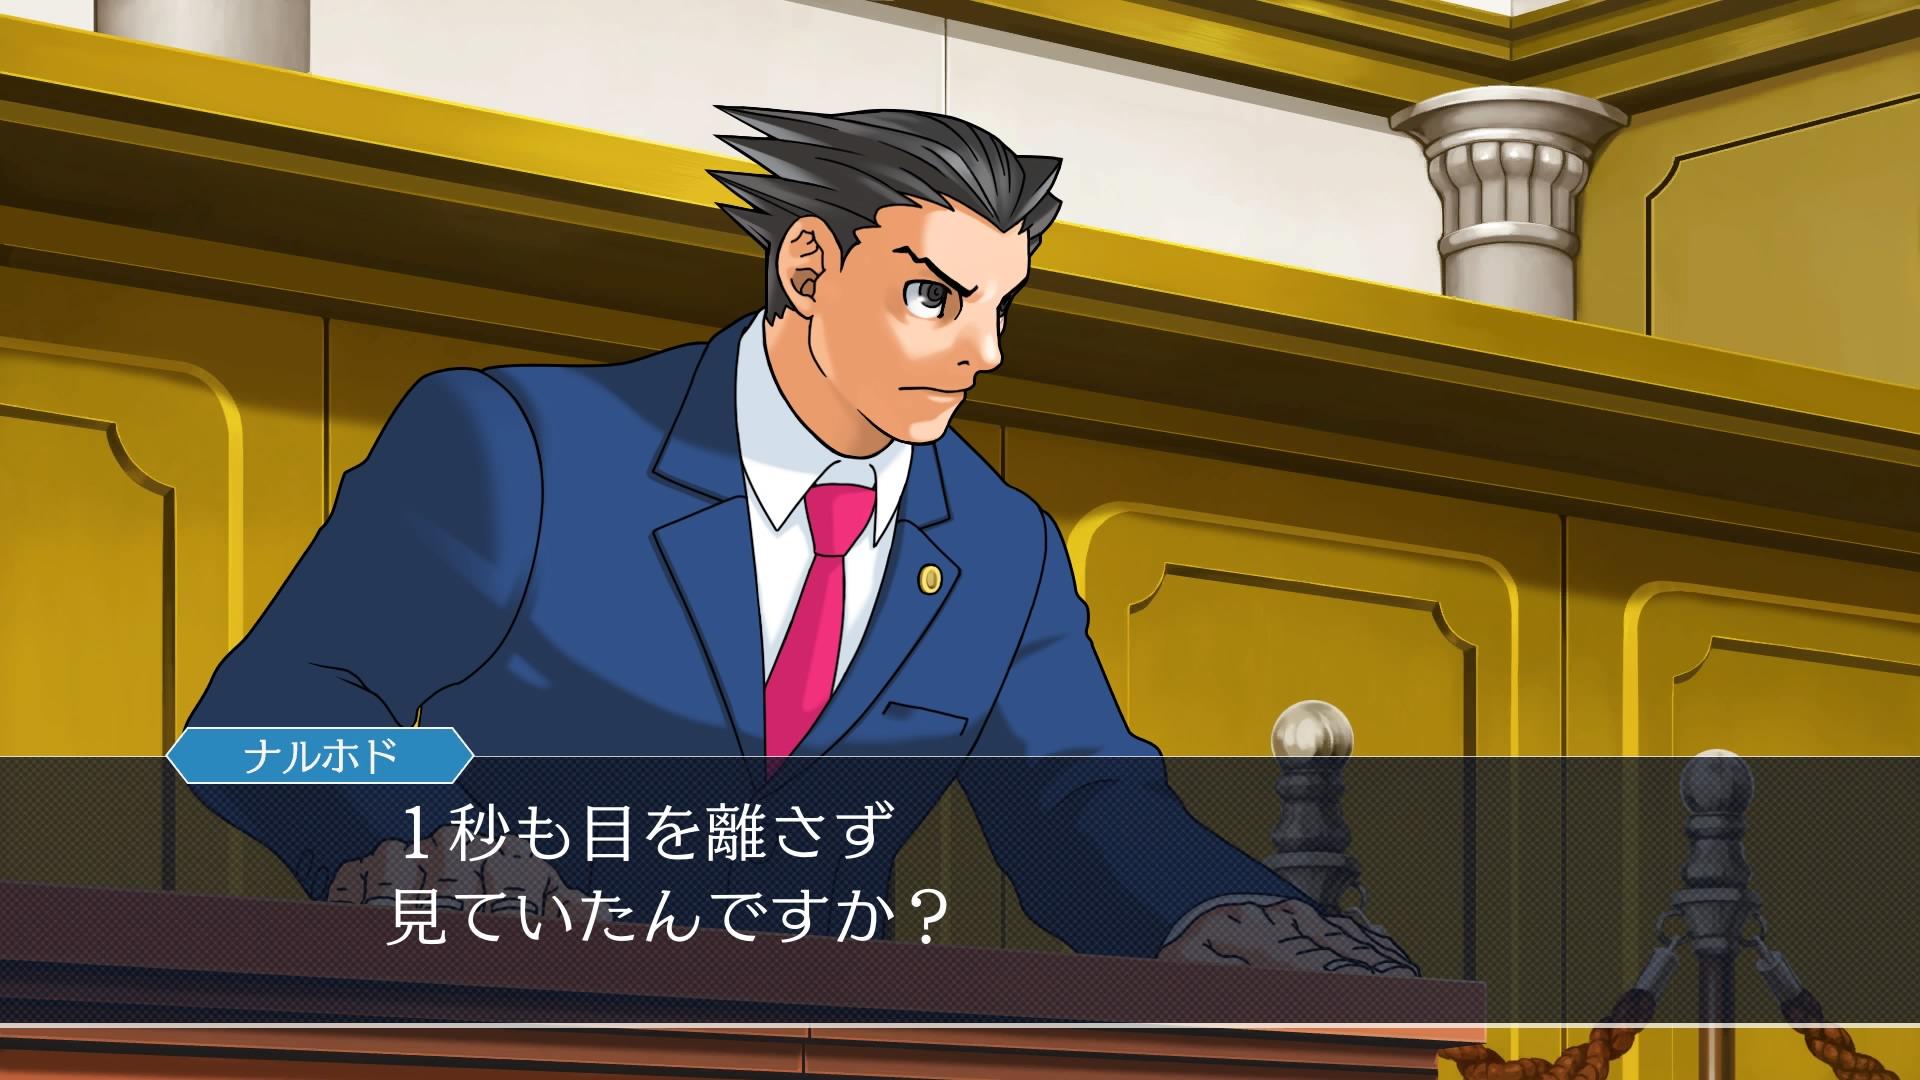 逆转裁判3/2/1/Phoenix Wright: Ace Attorney Trilogy(赠送历代10部逆转裁判)插图6